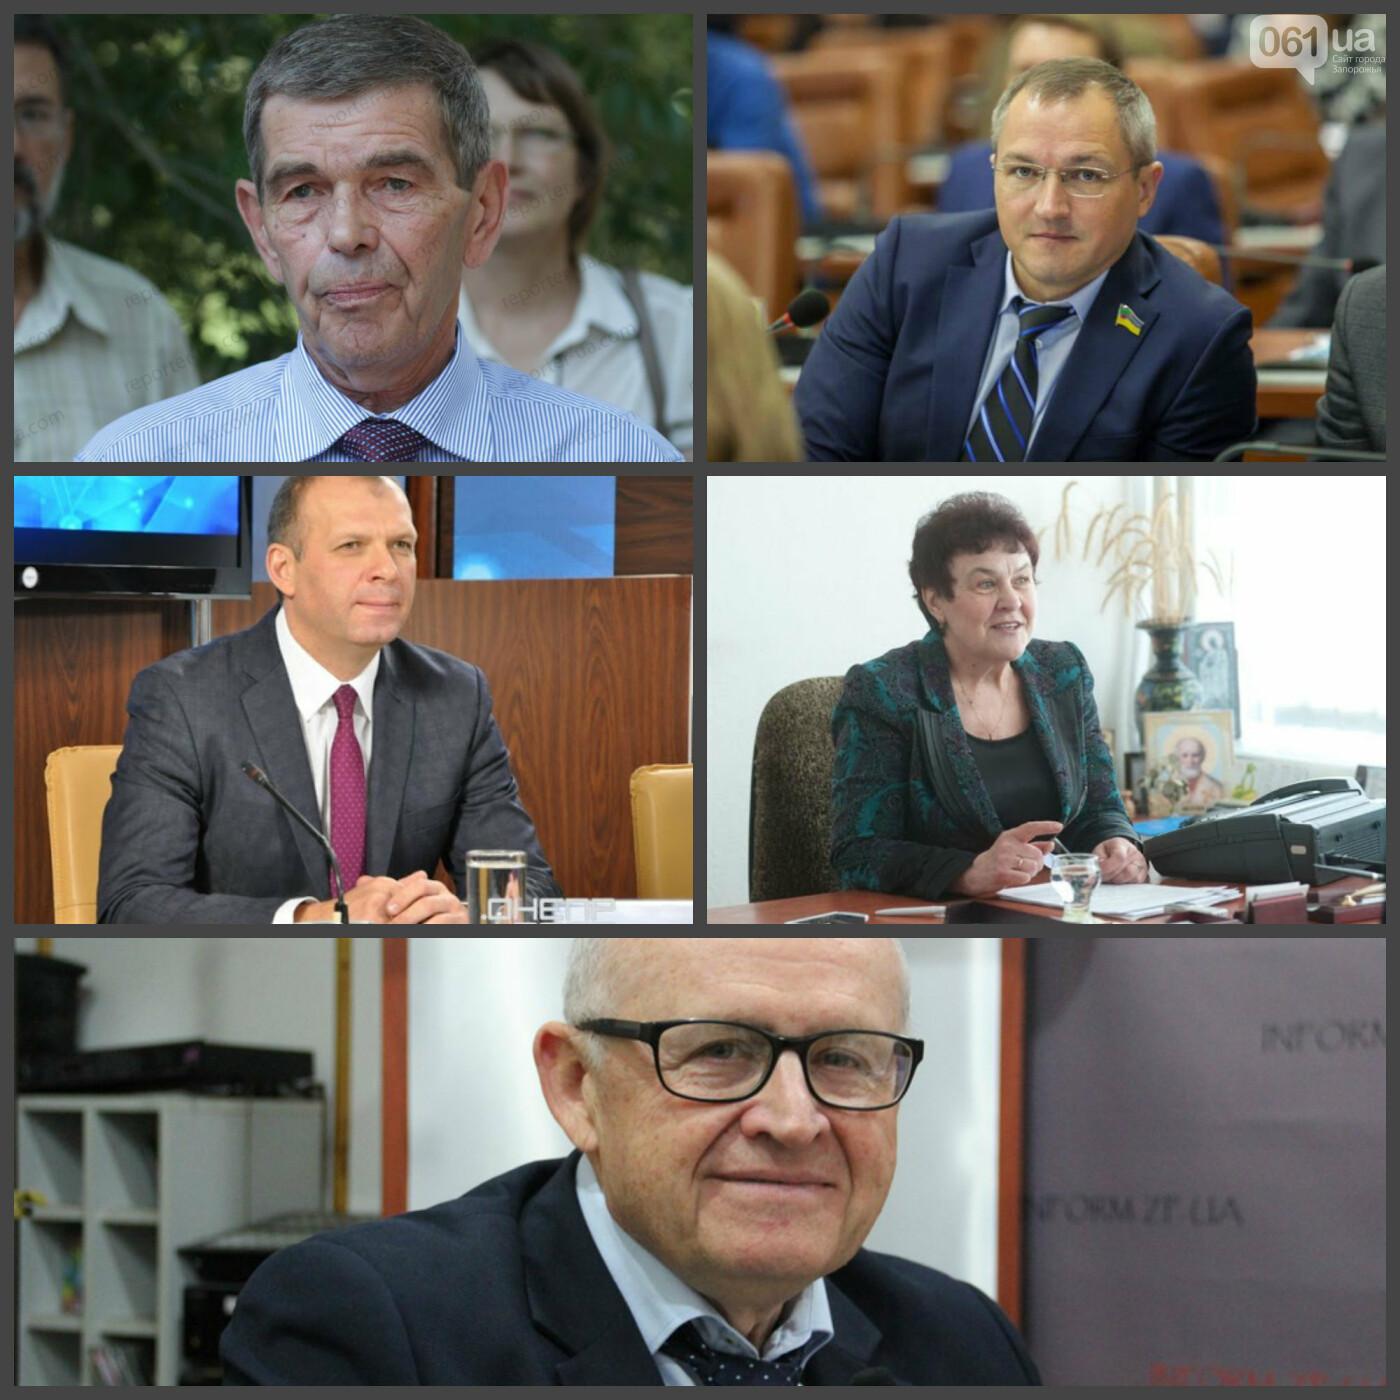 Кто помогает и советует запорожскому мэру, губернатору и главе облсовета, фото-1